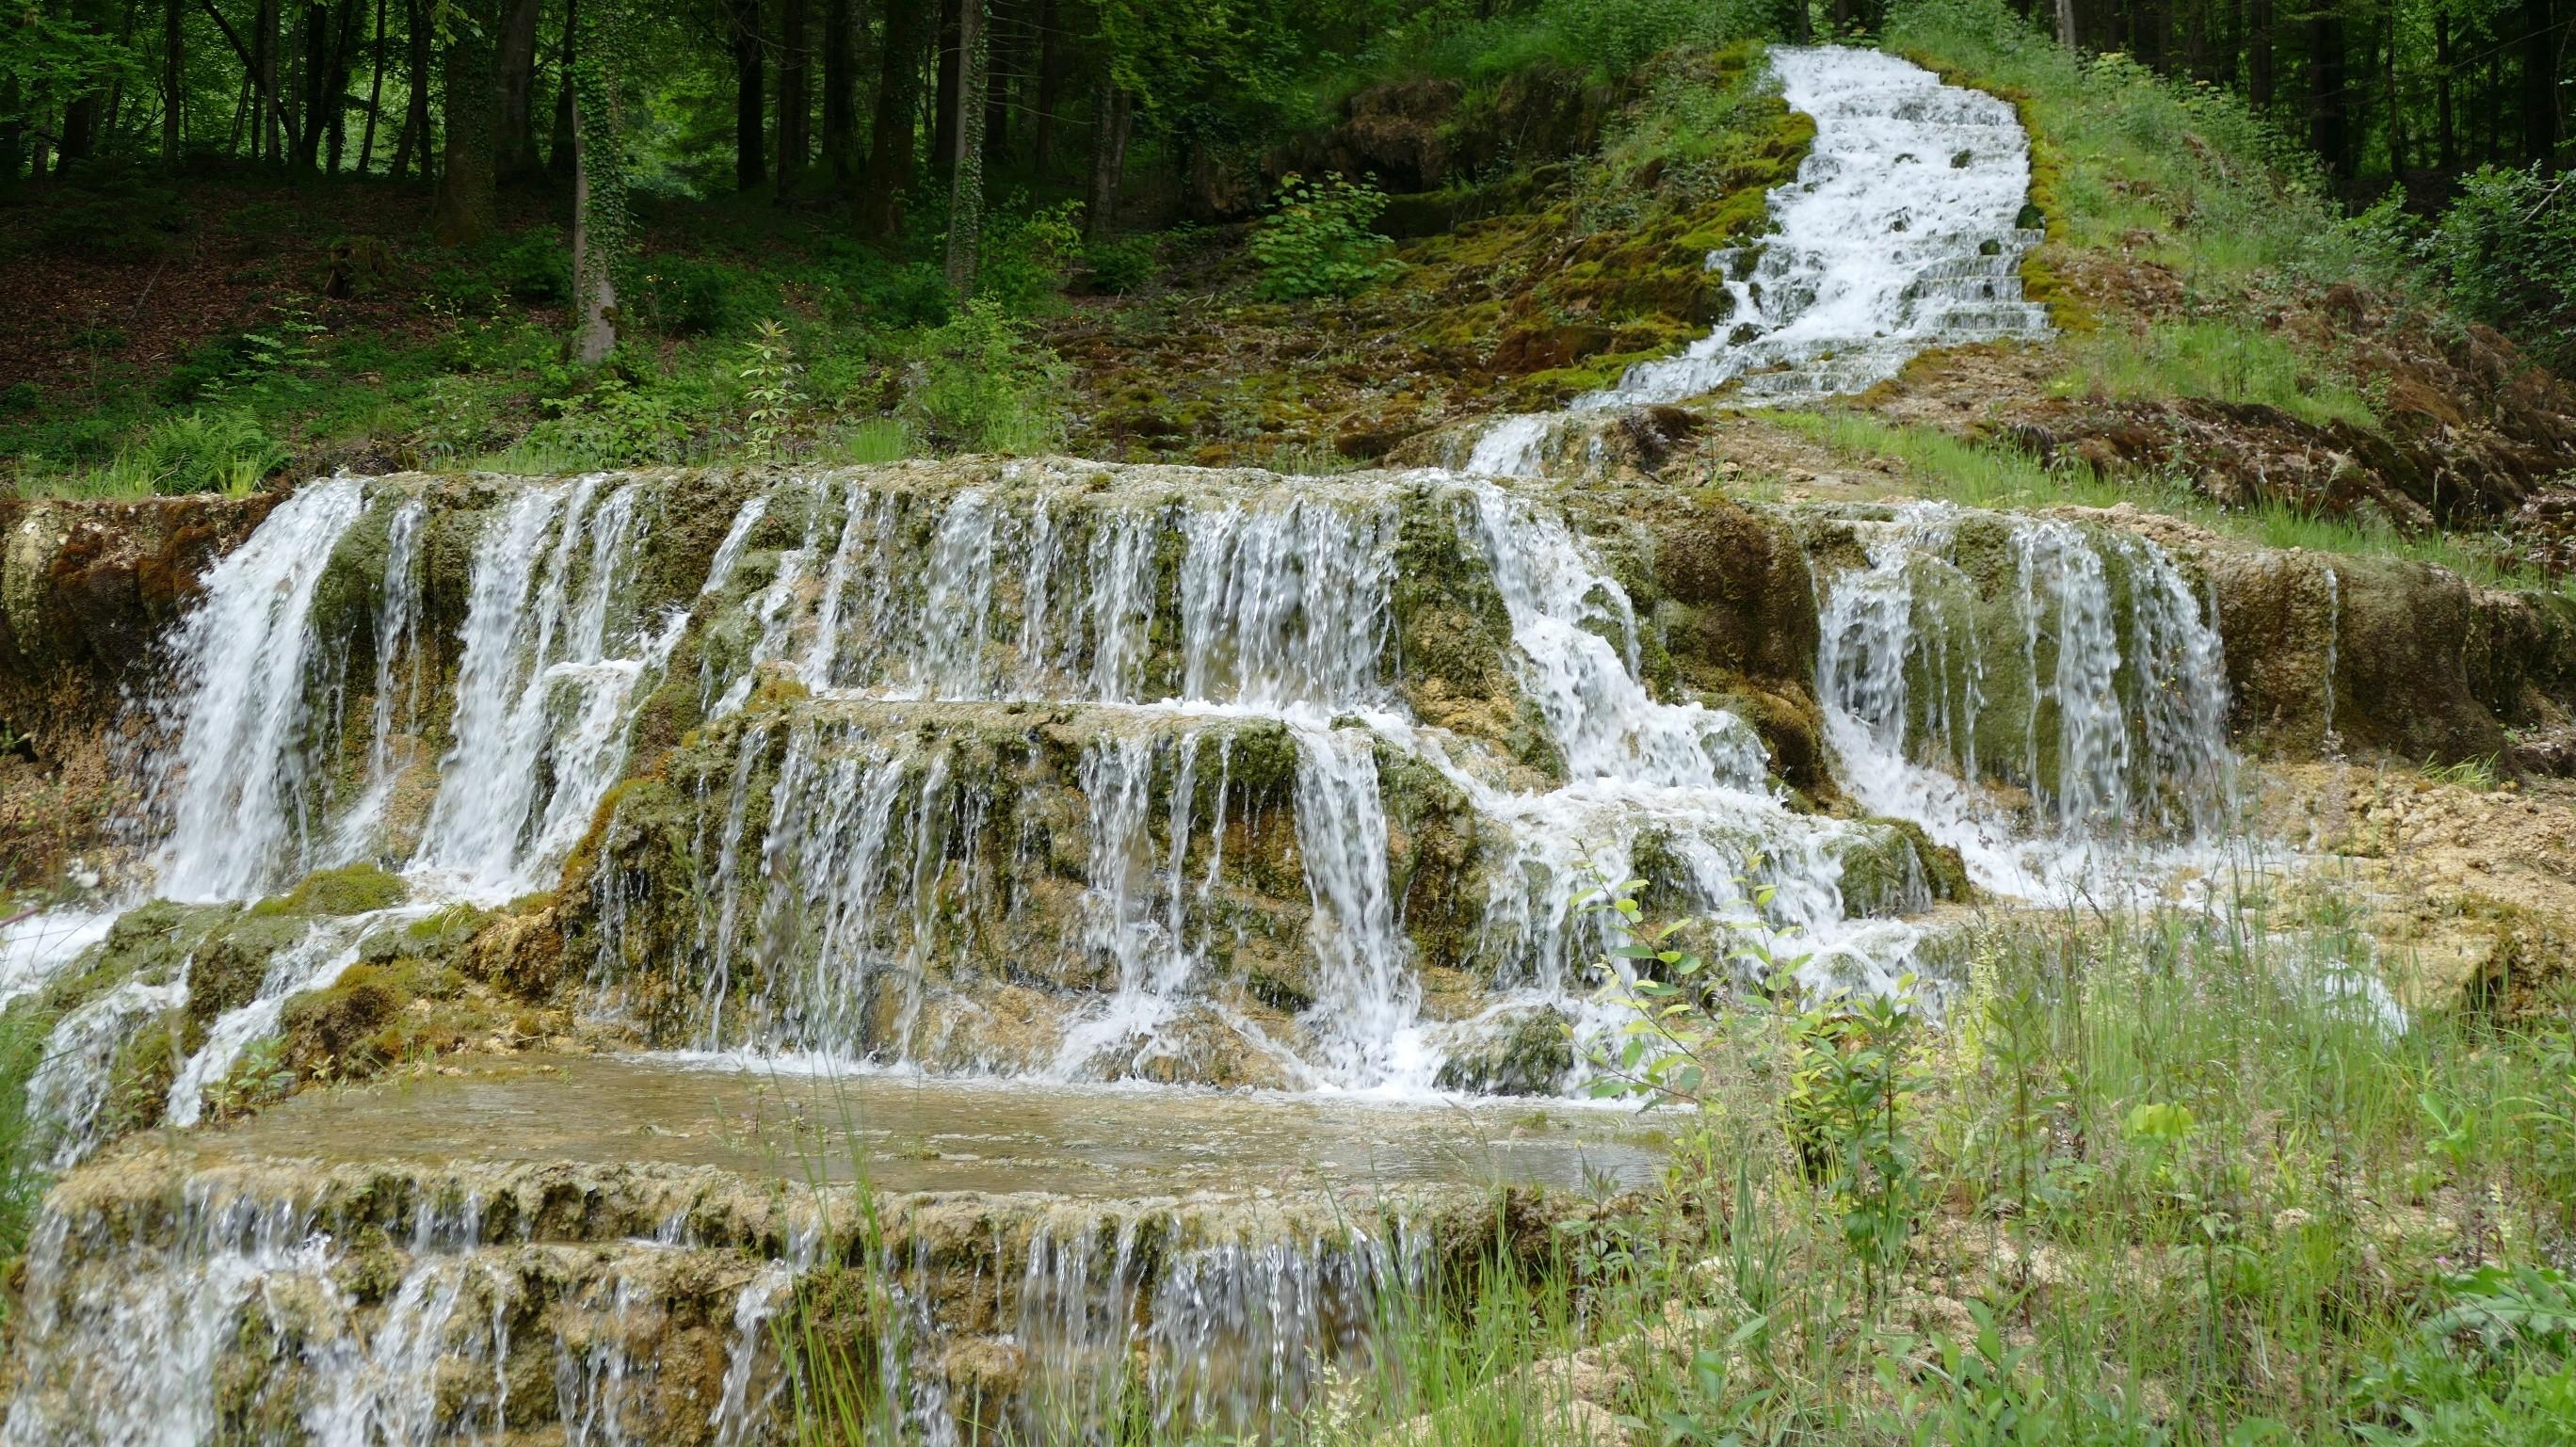 Les cascades d 39 etufs chemin de l 39 eau - Image de cascade ...